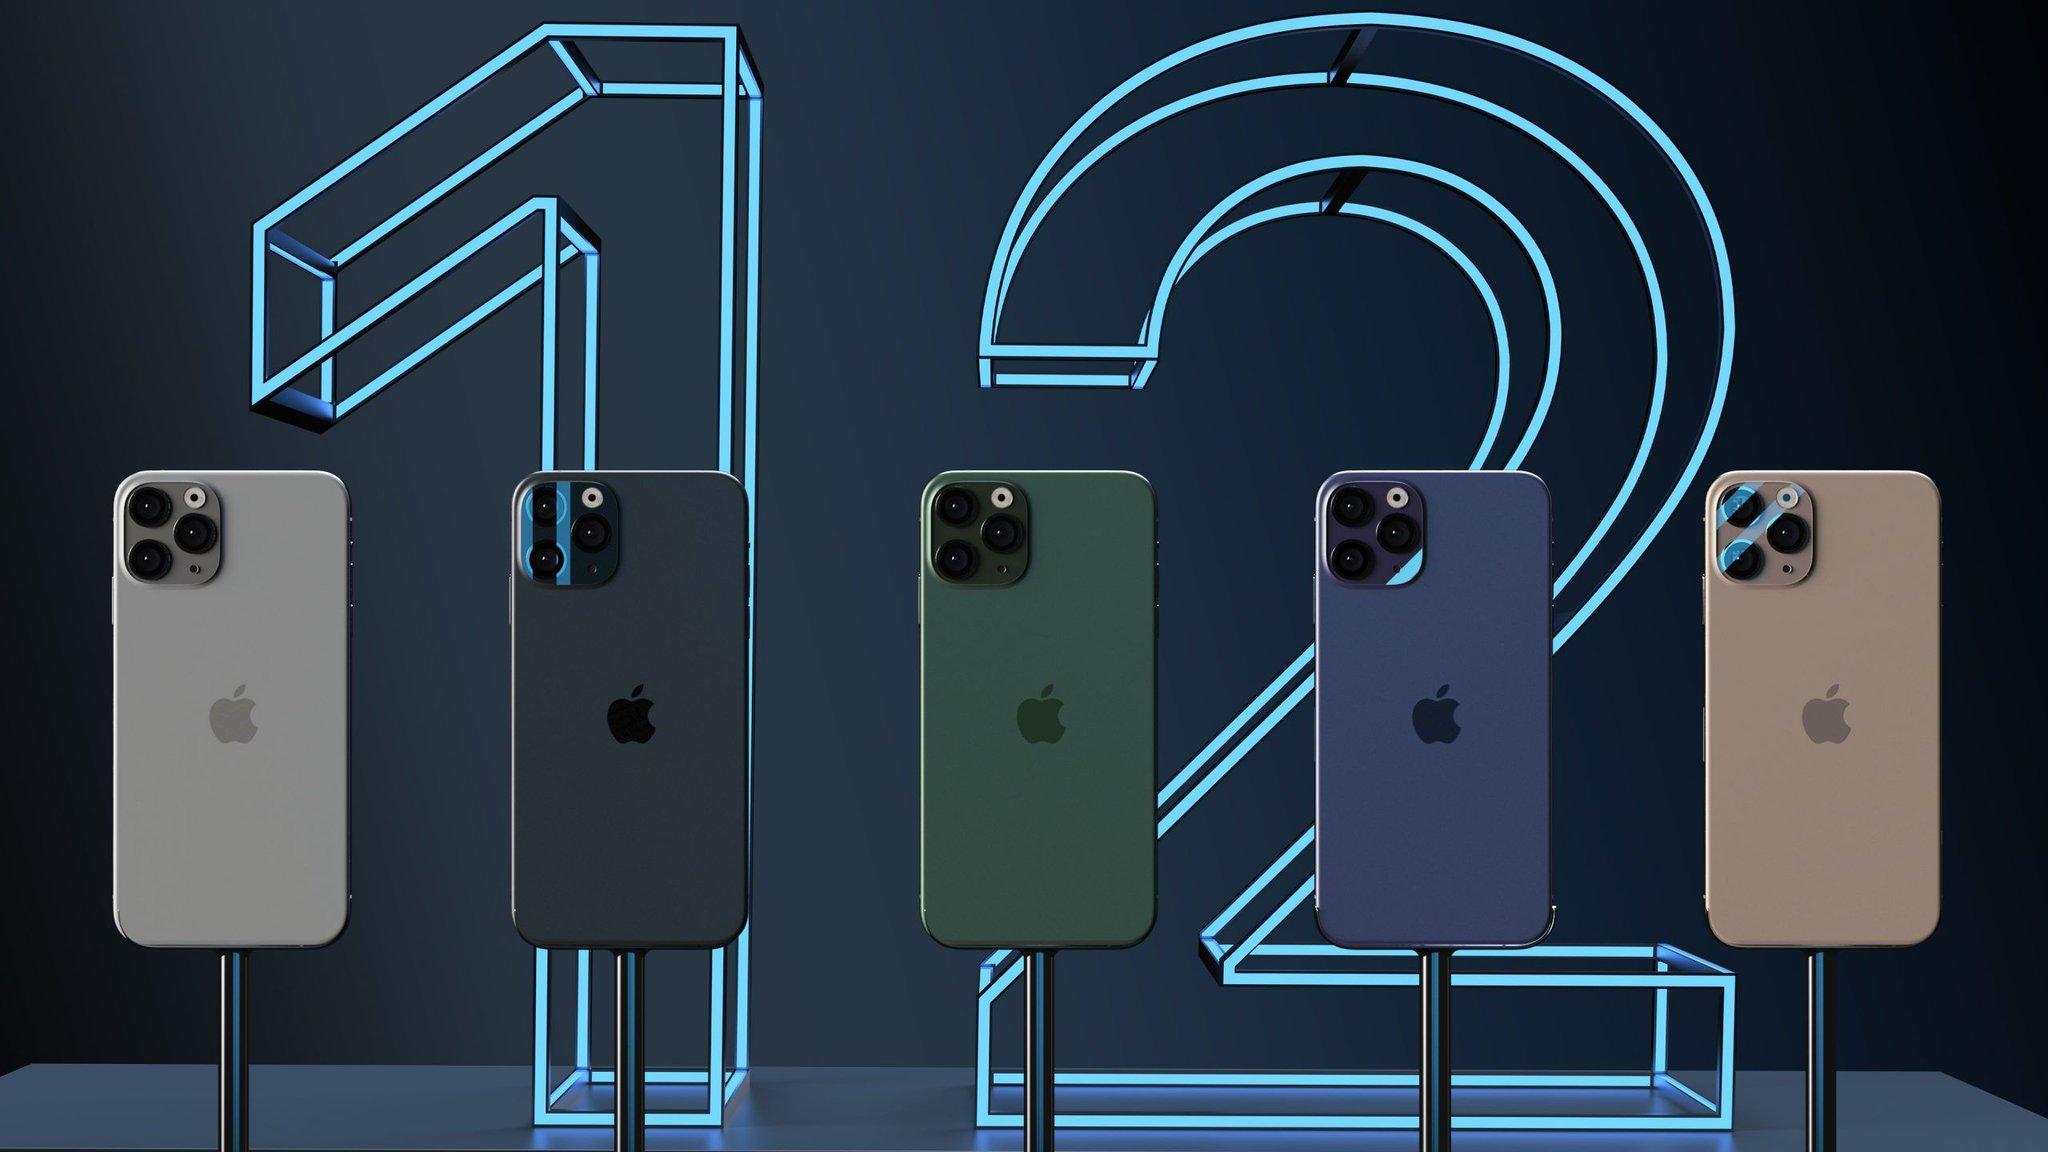 هواتف ايفون 12 ستكون قادرة على تصوير الفيديو بدقة 4K بسرعة 240 إطار في الثانية